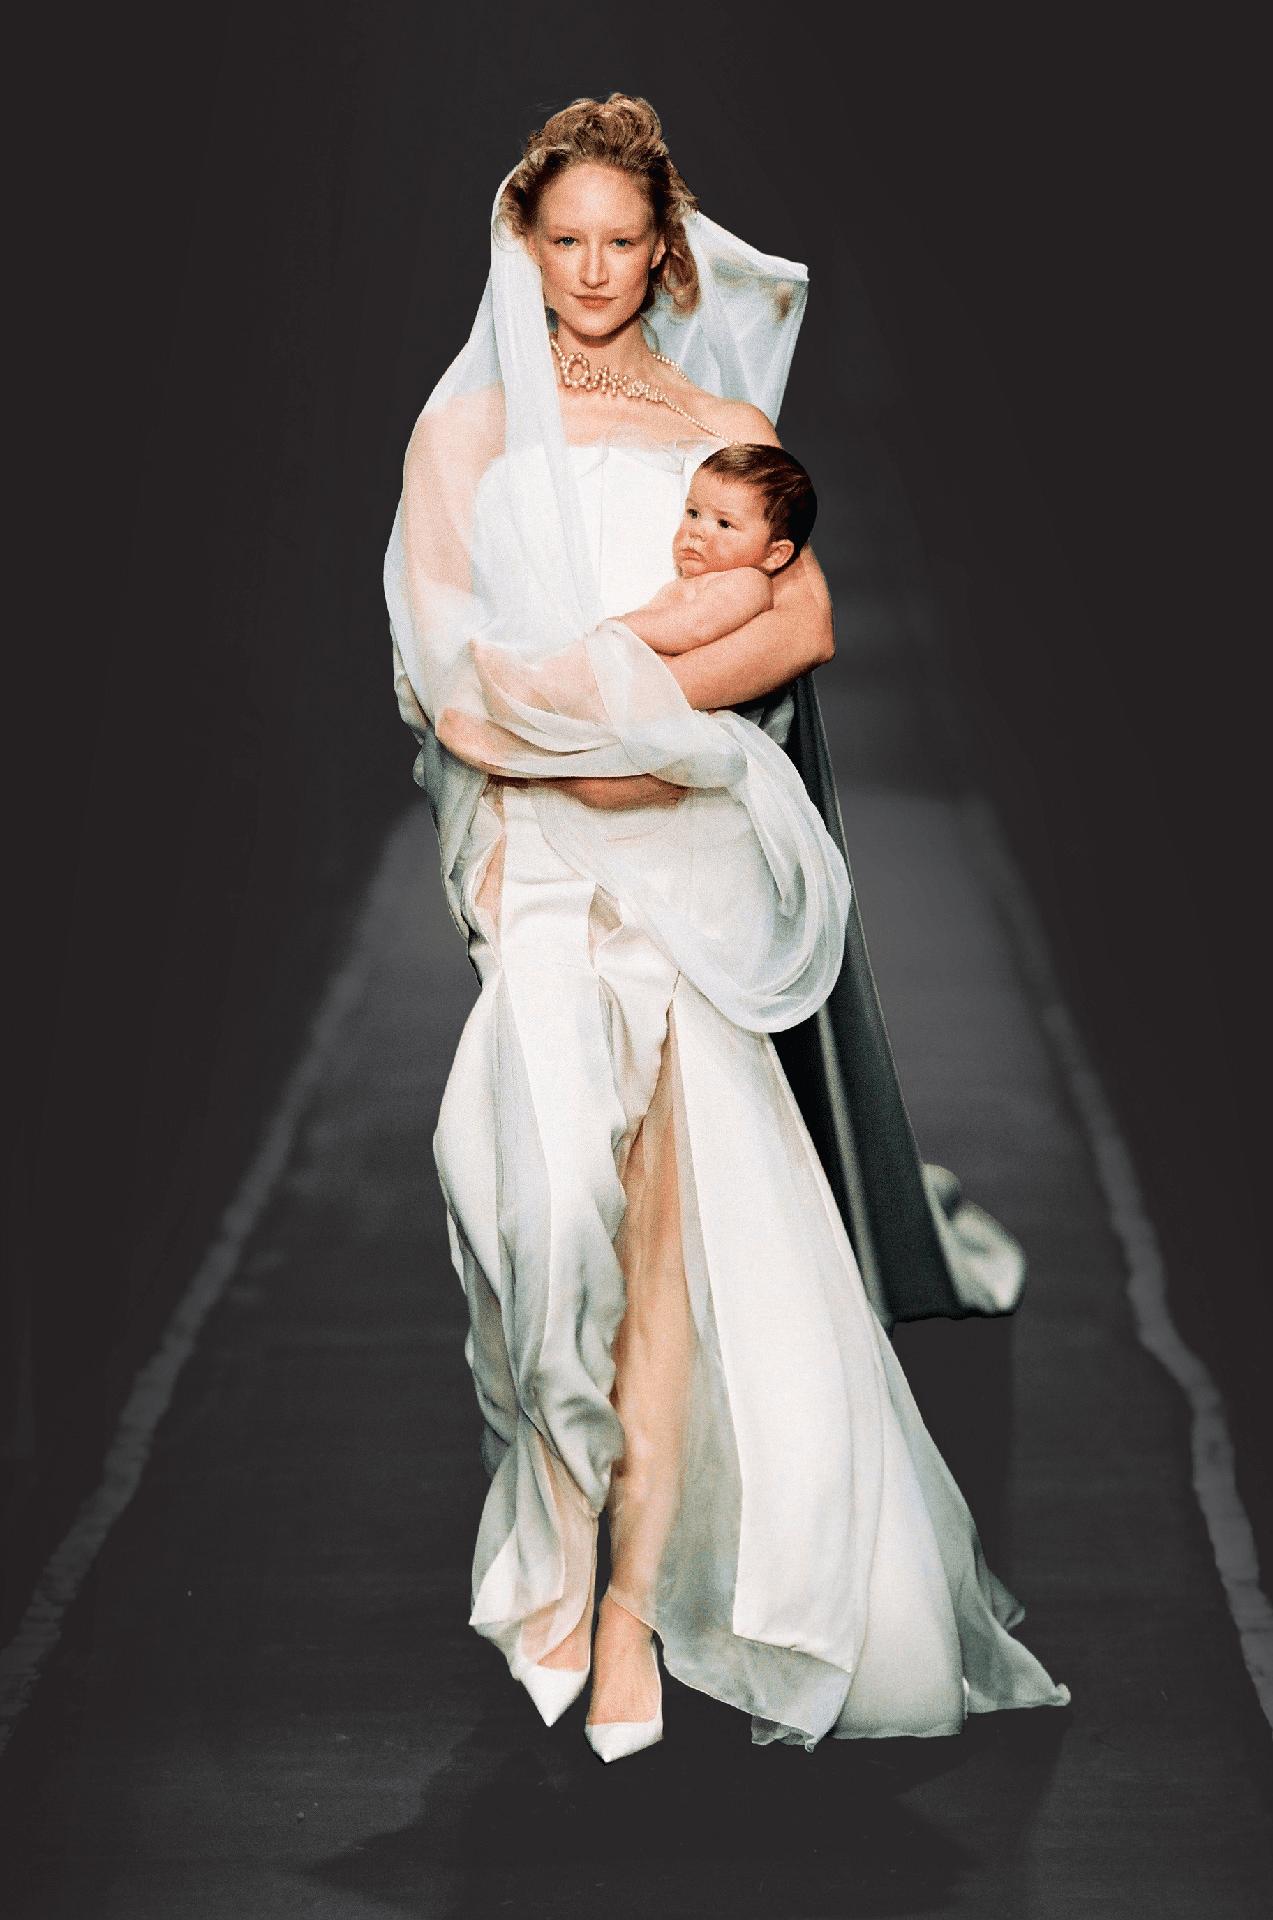 Love Is Love : le mariage pour tous selon Jean Paul Gaultier